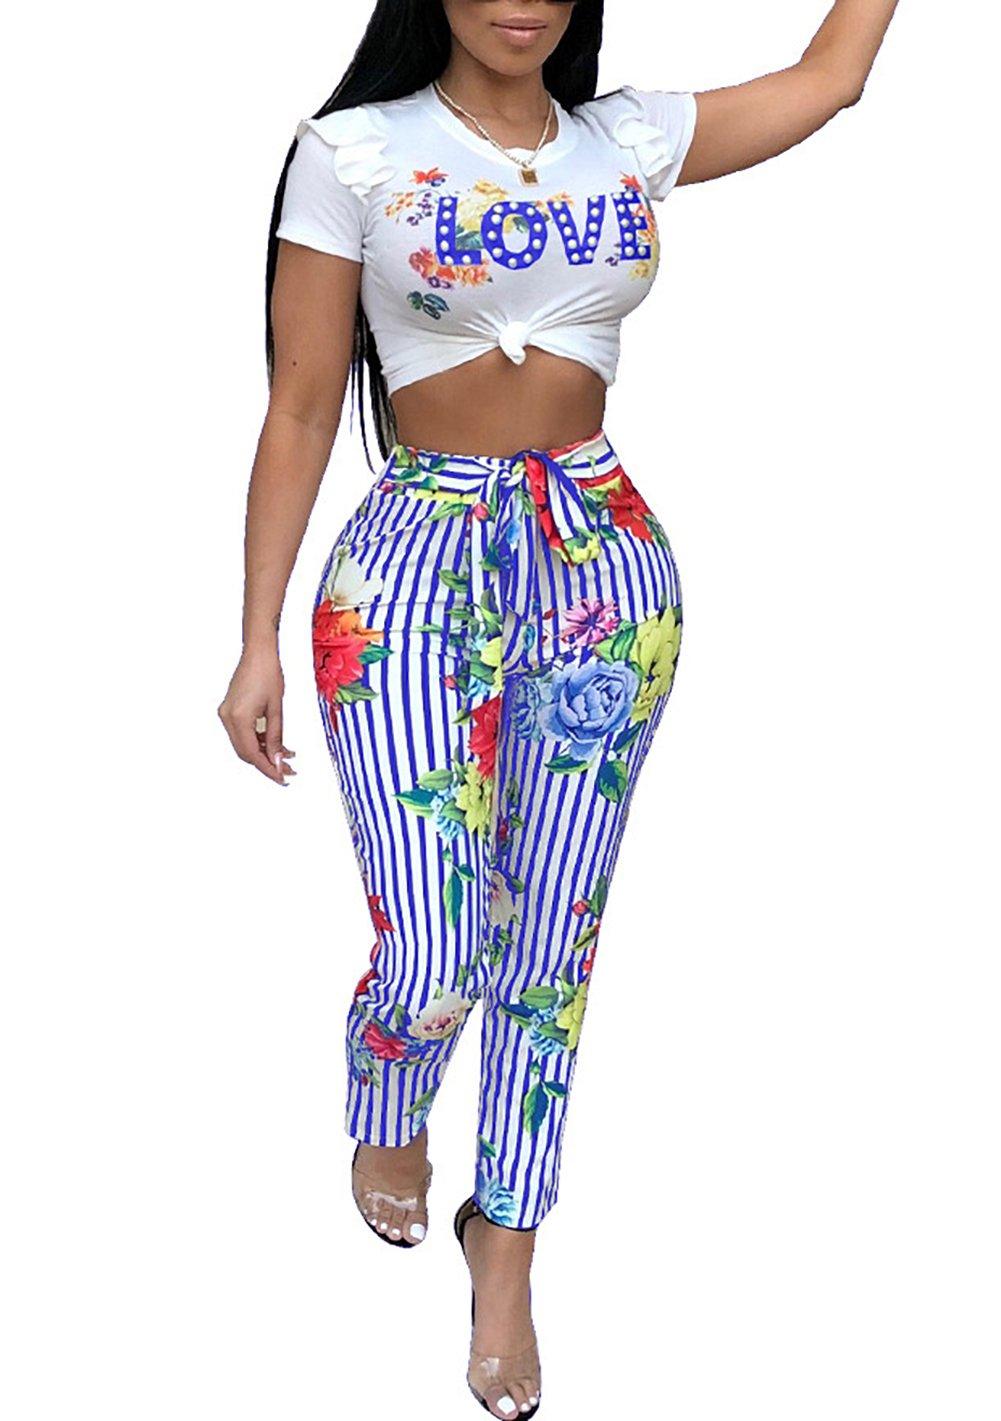 Voghtic Women Summer Love Letter Crop Top Long Stripe Pants 2 Pieces Outftis Tracksuit